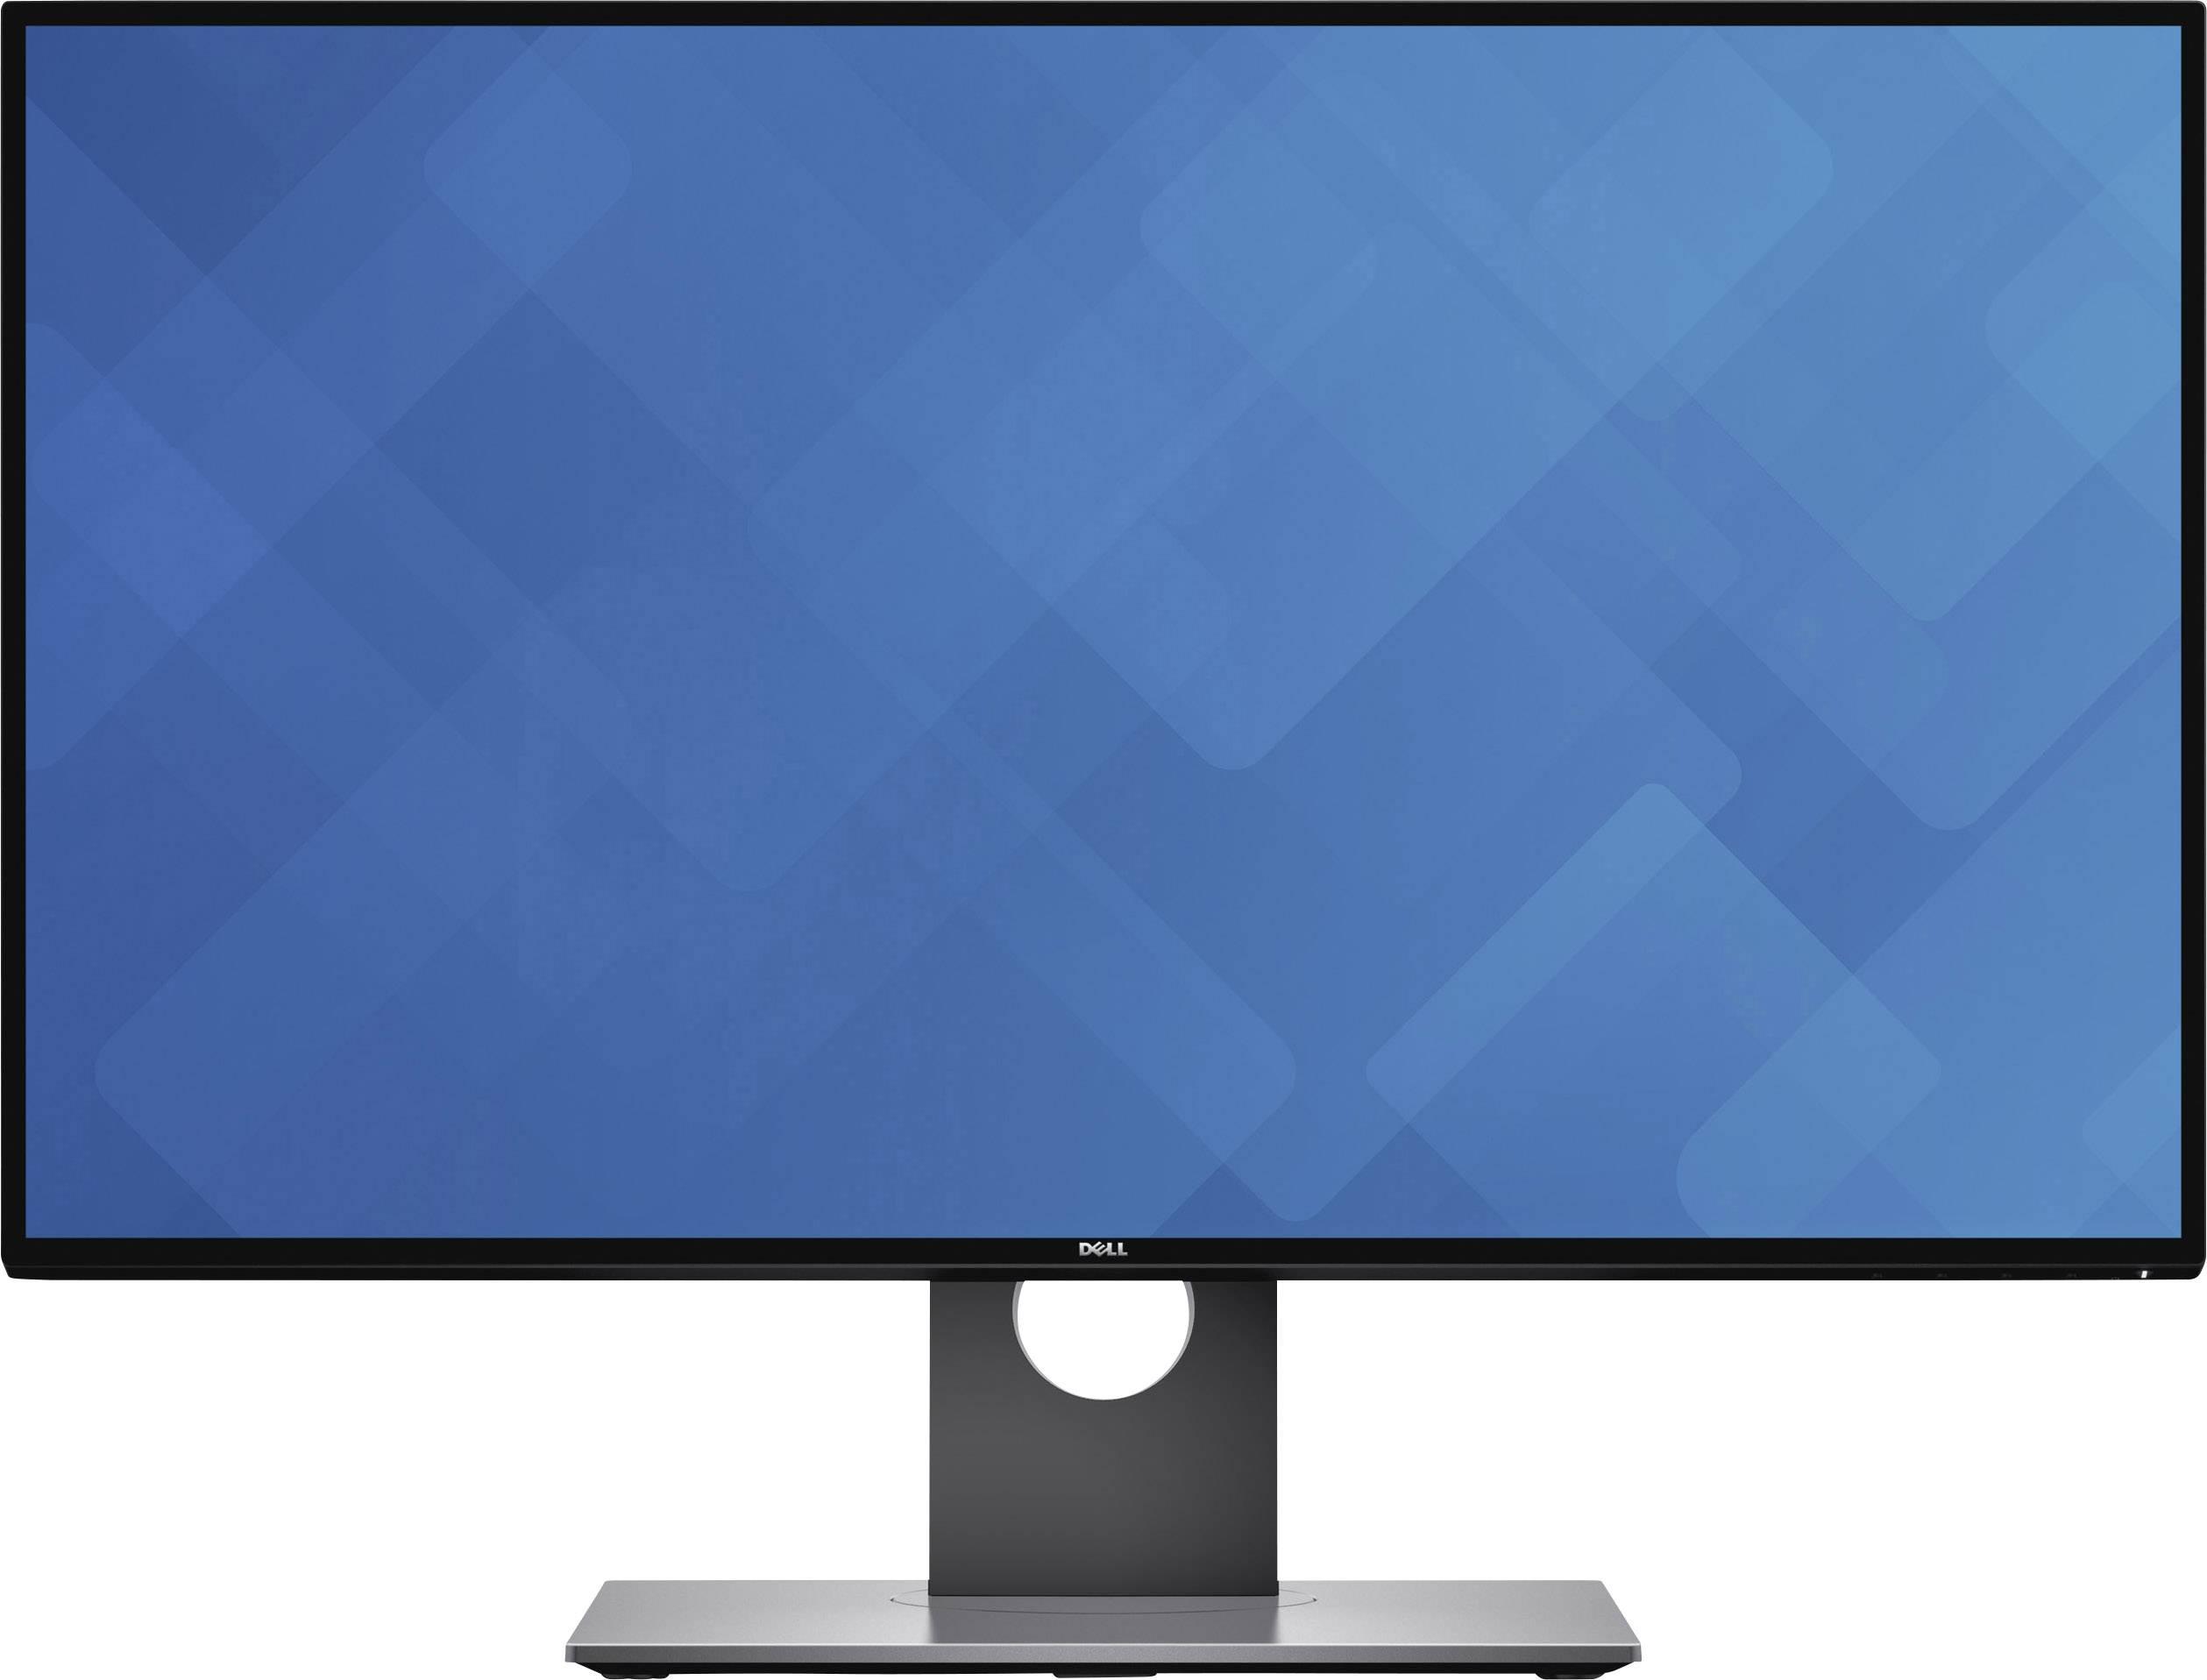 Hoe kan ik haak twee monitoren op mijn PC